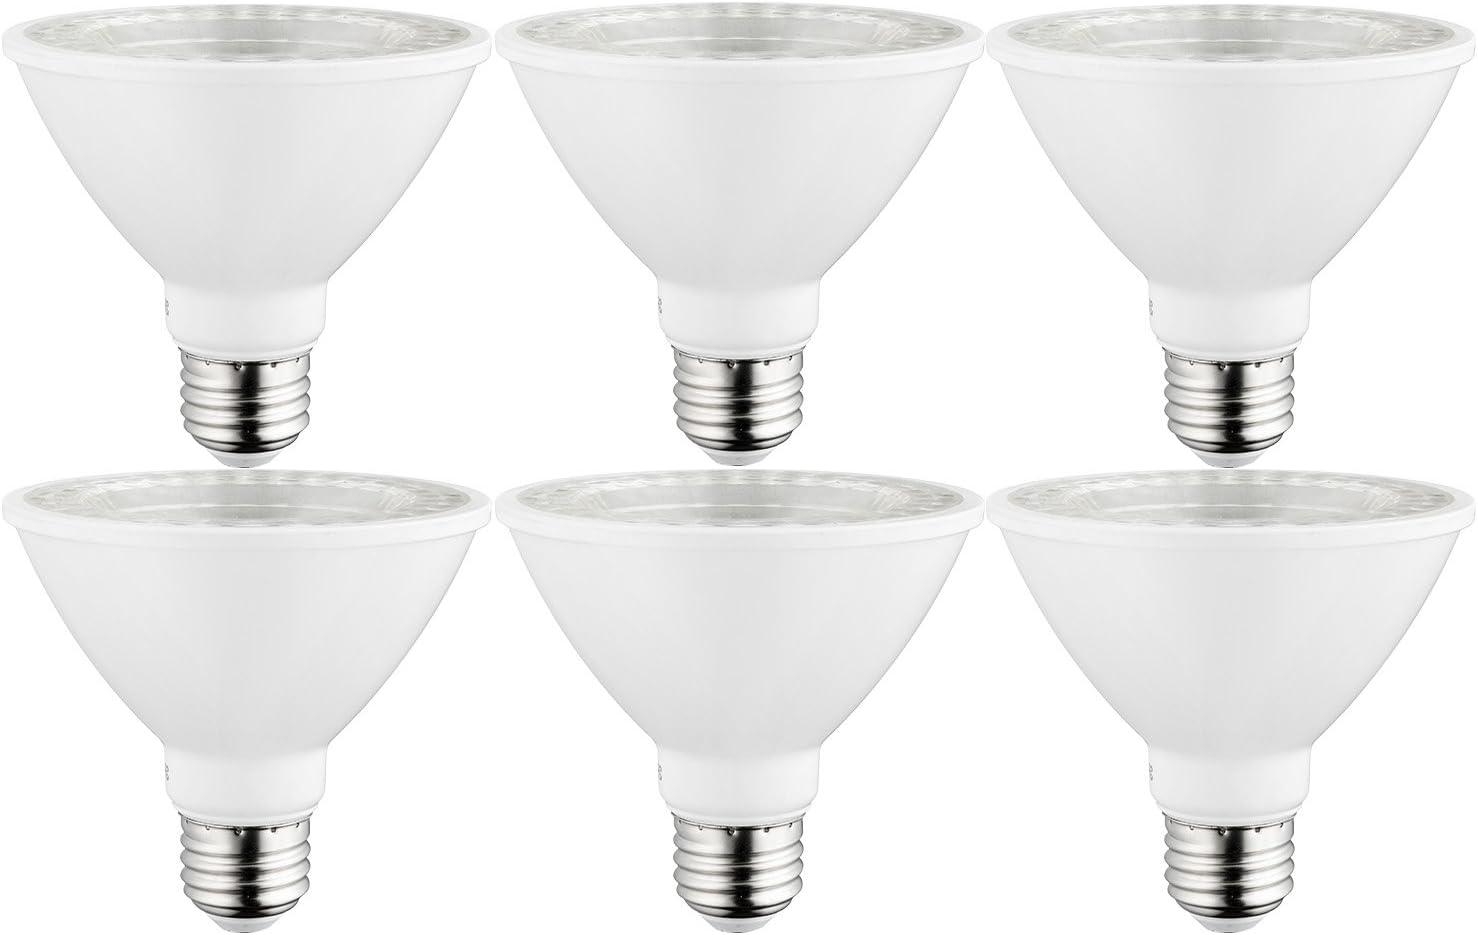 Sunlite 40982-SU LED PAR30 Short Neck Light Bulb, Dimmable, Energy Star 10 Watt, (75W Equivalent), Medium Screw (E26) Base, 6 Pack, 50K - Super White